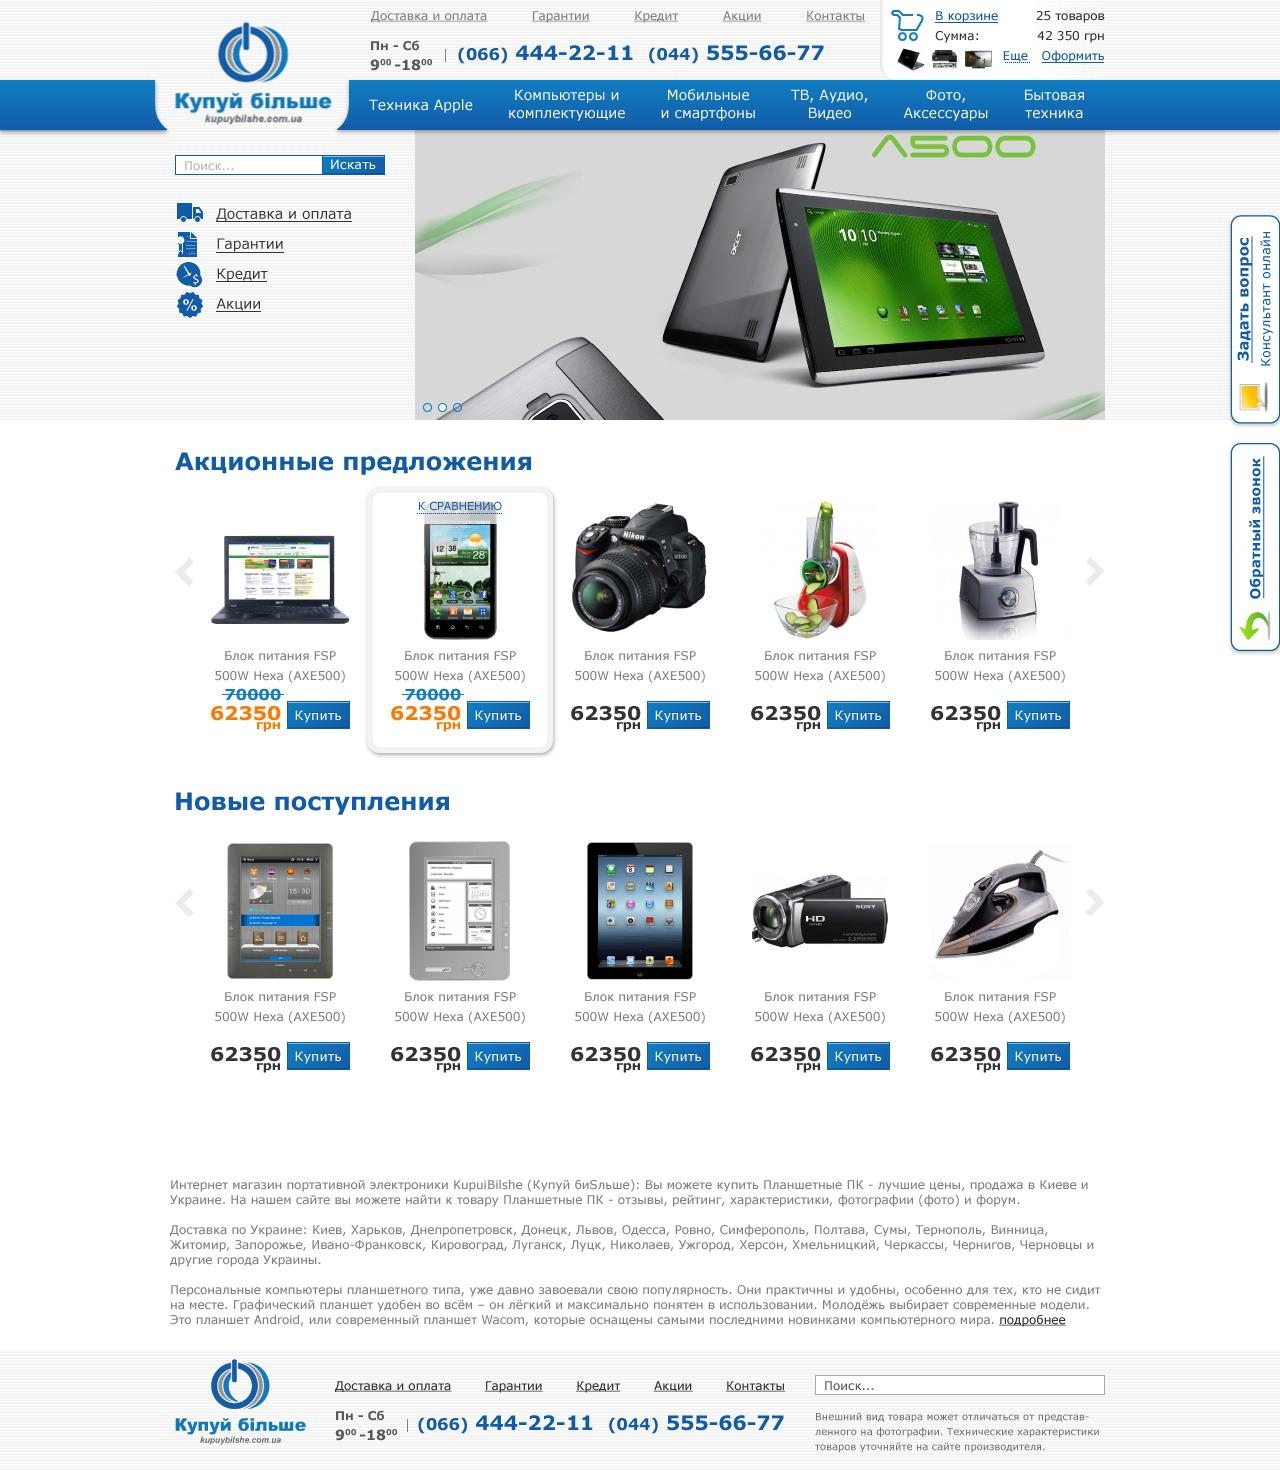 Интернет магазин бытовой техники «Купуй Більше»